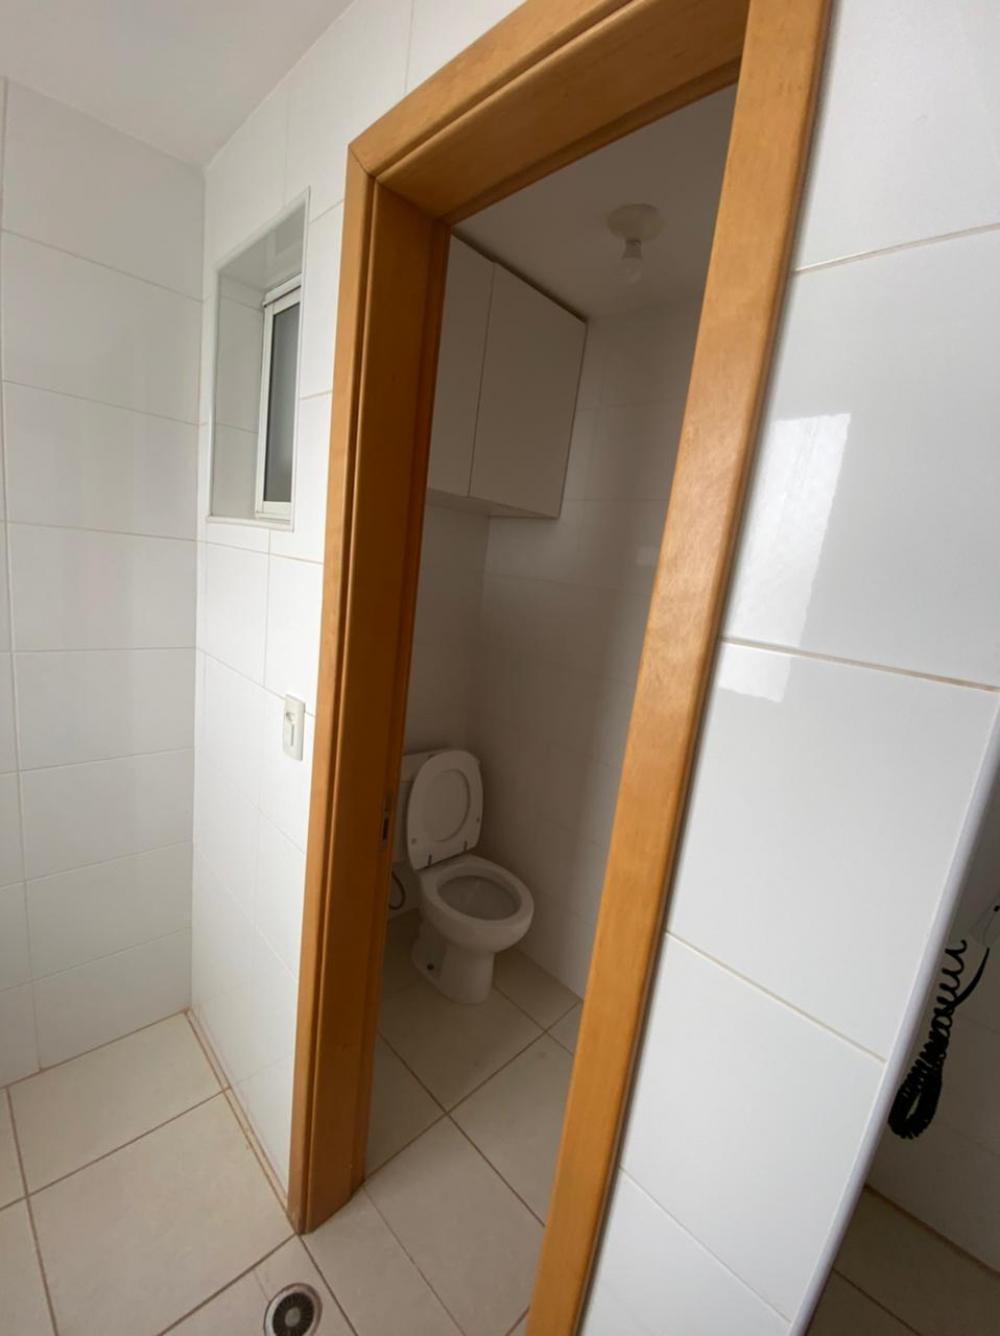 Alugar Apartamento / Padrão em Ribeirão Preto R$ 2.000,00 - Foto 5